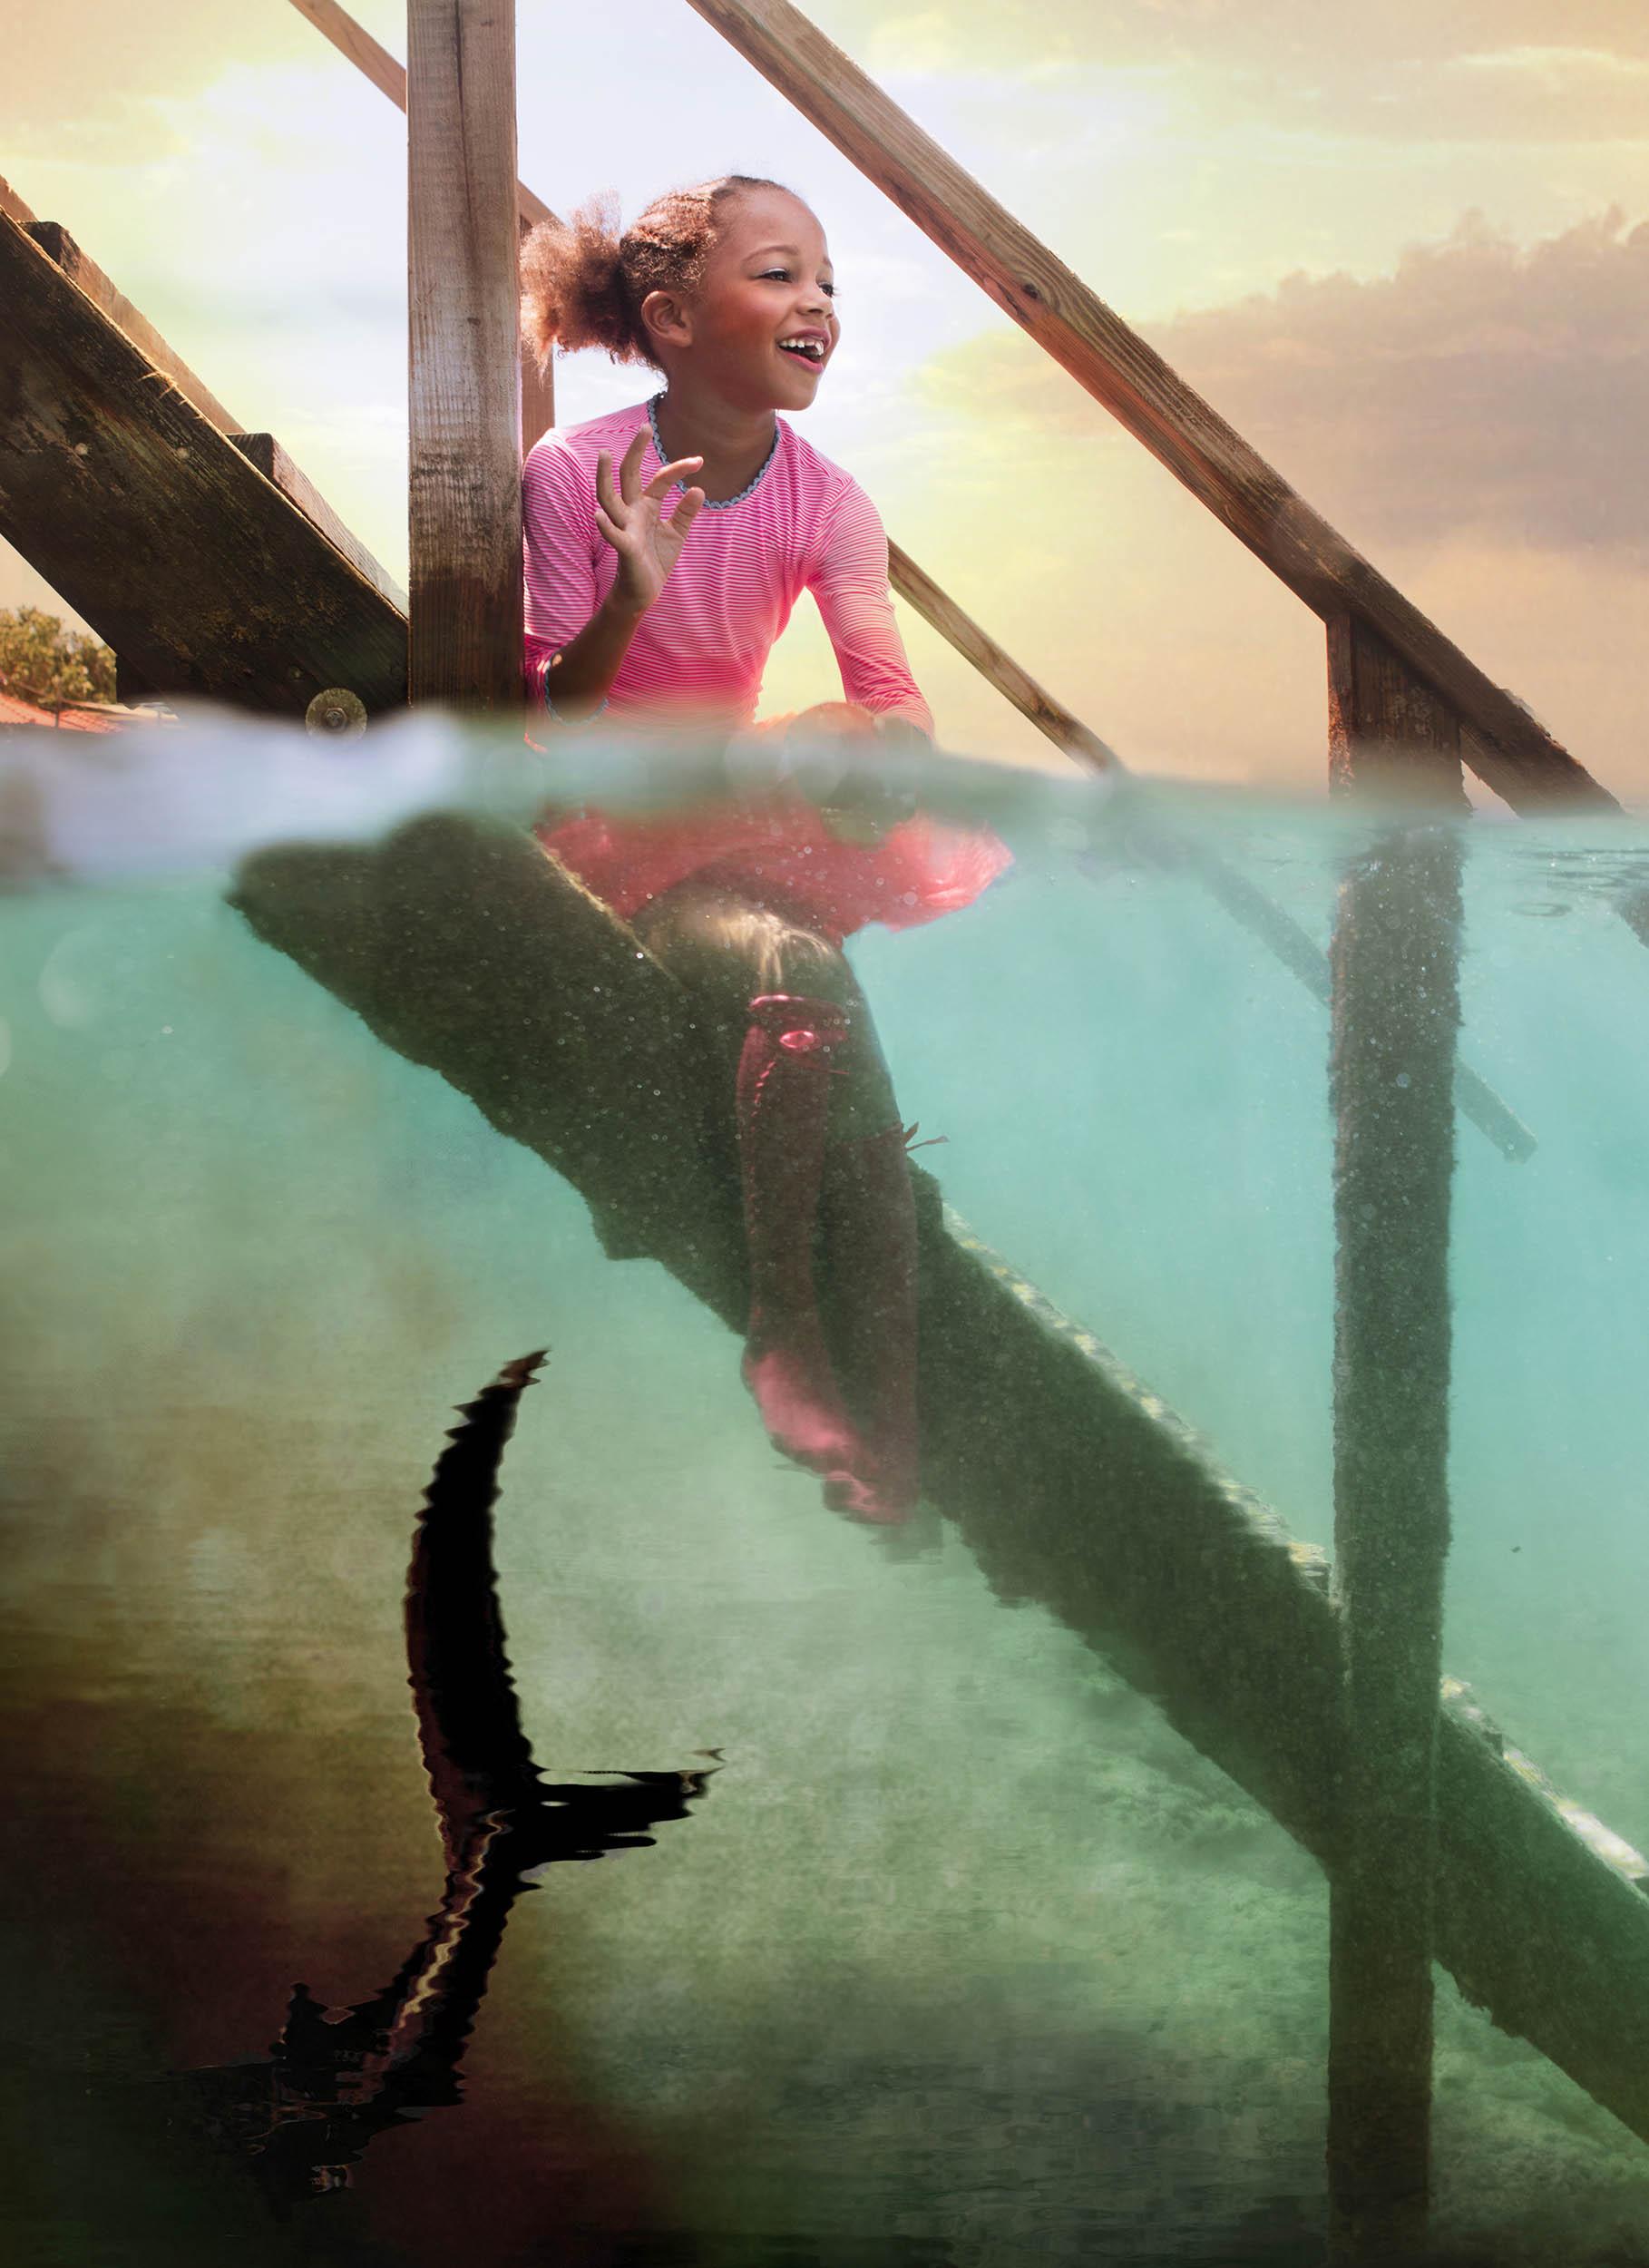 onderwater fotoshoot bonaire